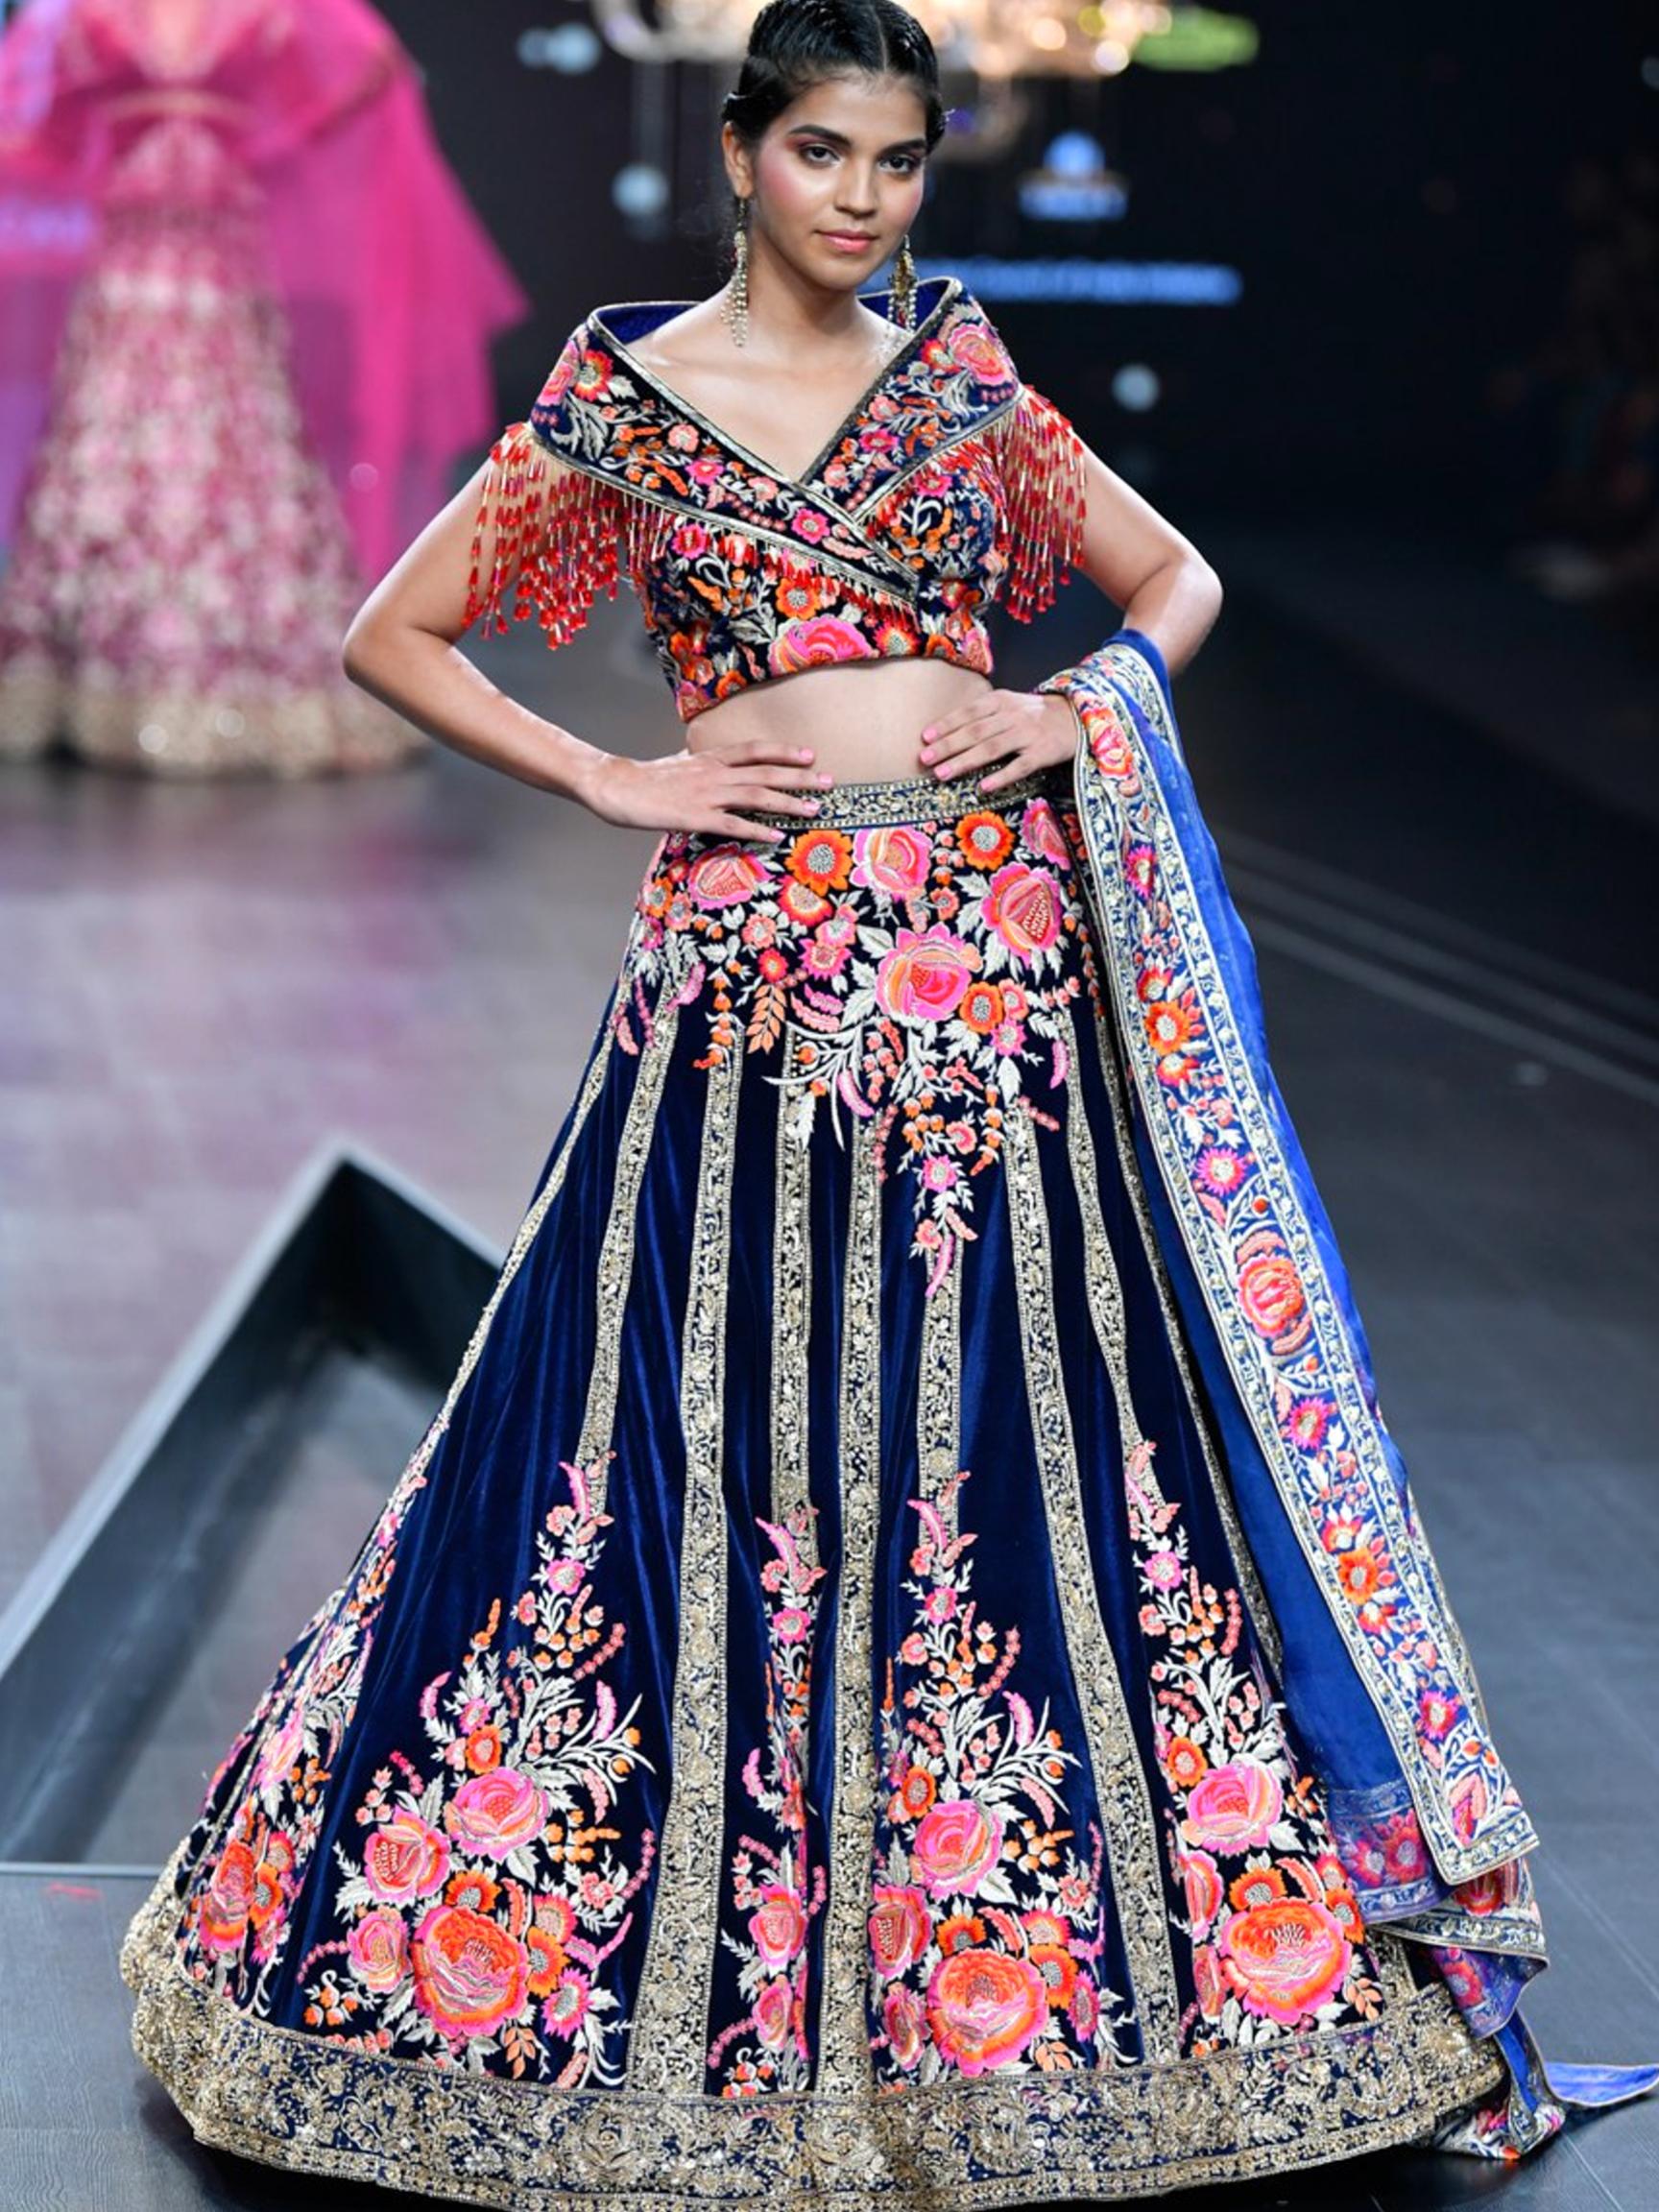 Lotus Make Up India Fashion Week Spring Summer 2020 Suneet Varma India Fashion India Fashion Week Indian Fashion Trends